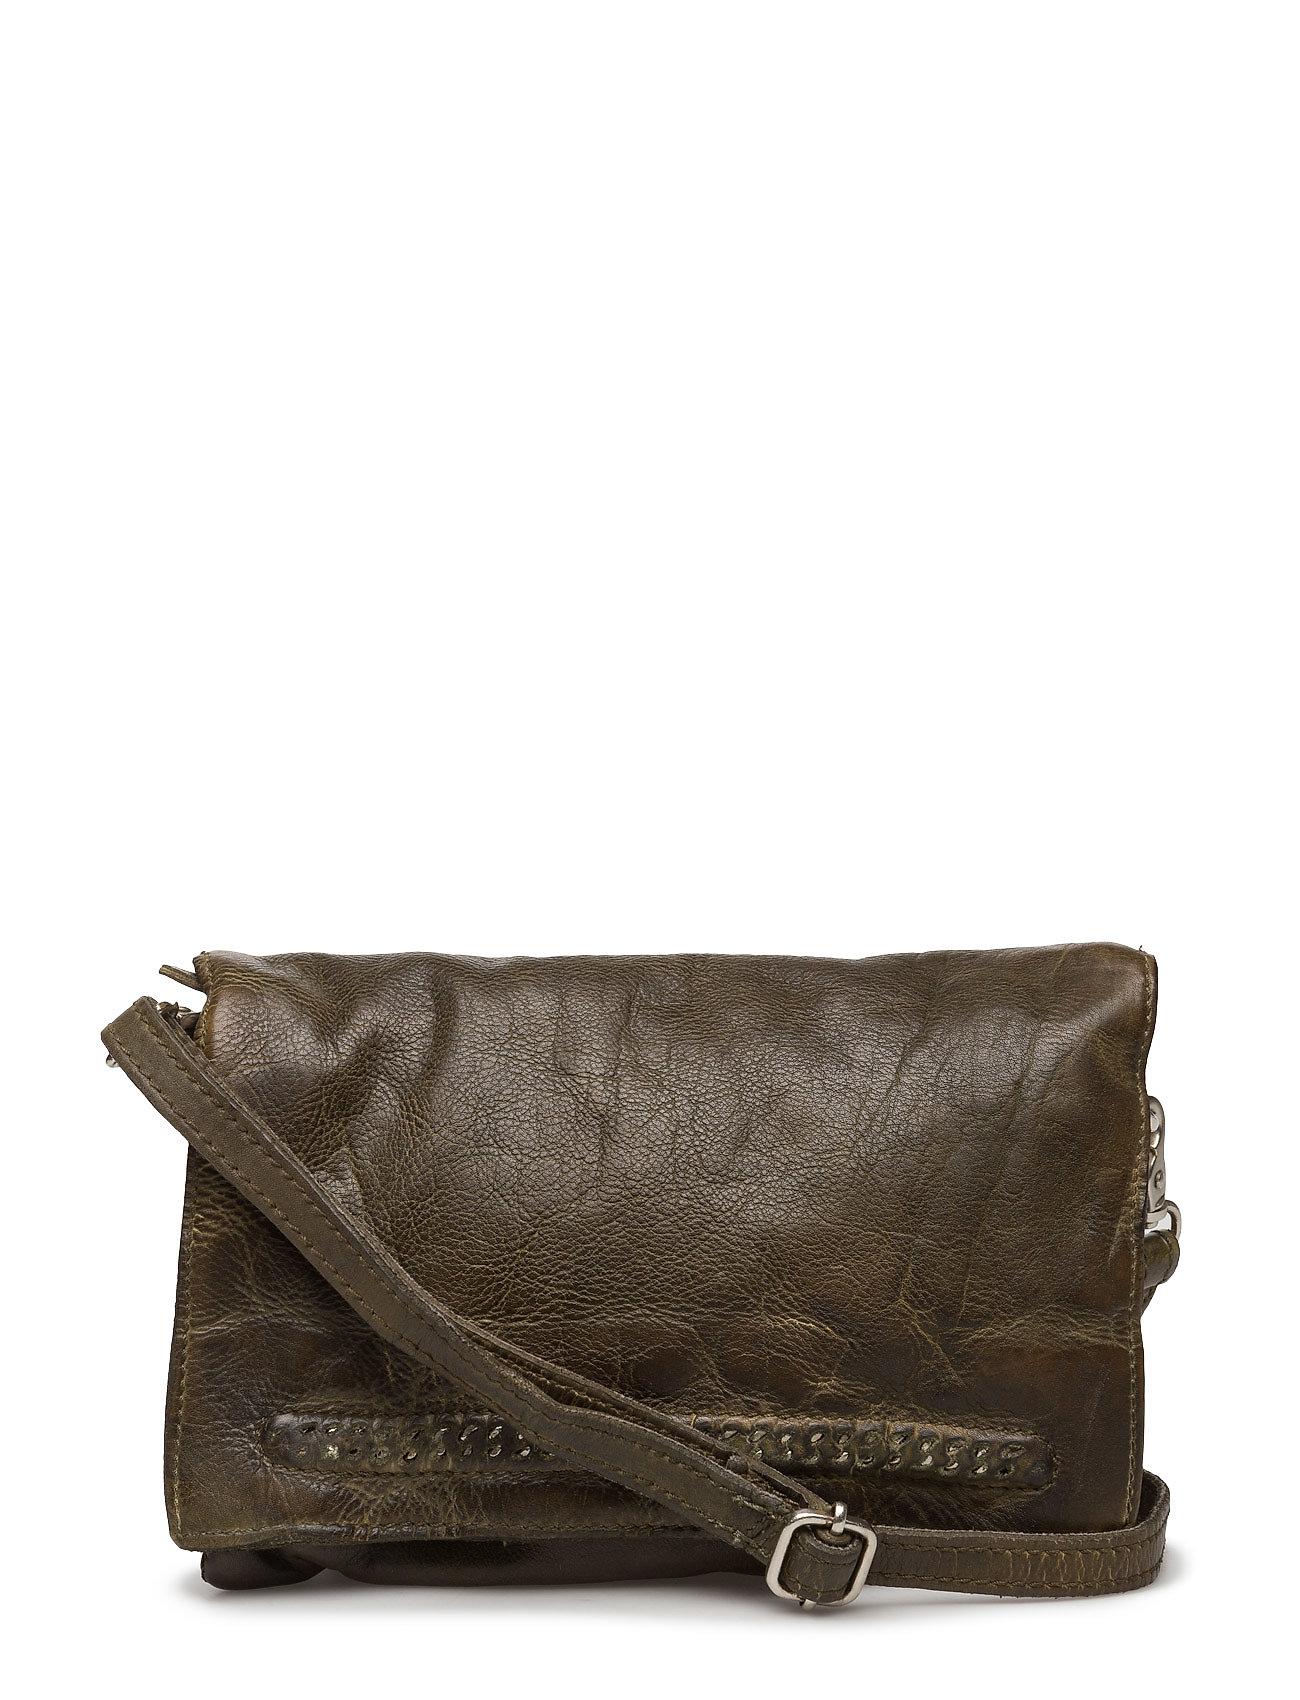 Small Bag / Clutch DEPECHE Små tasker til Damer i Oliven